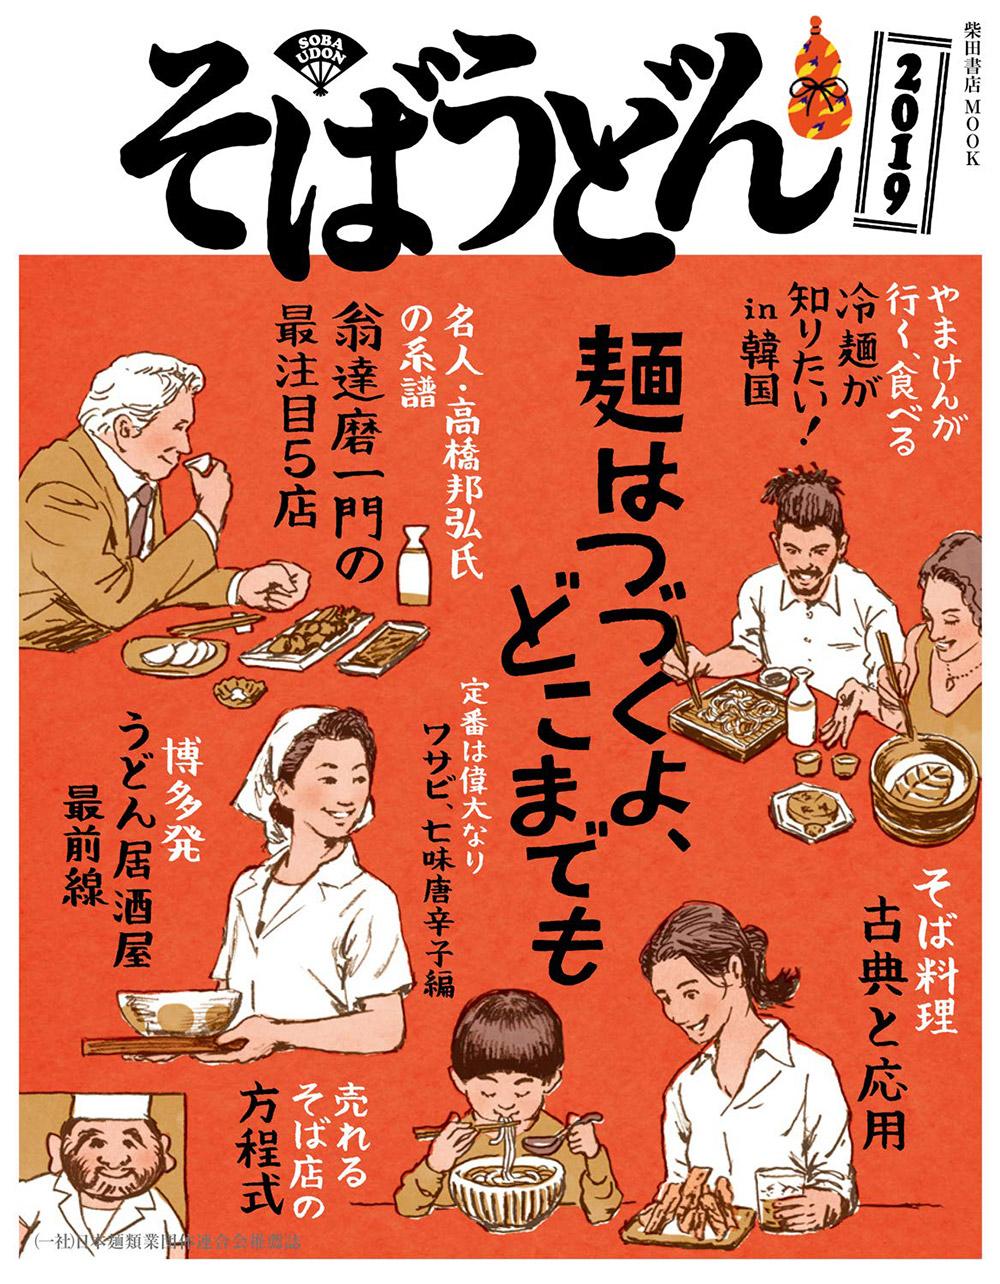 ShinjiAbe_068-2